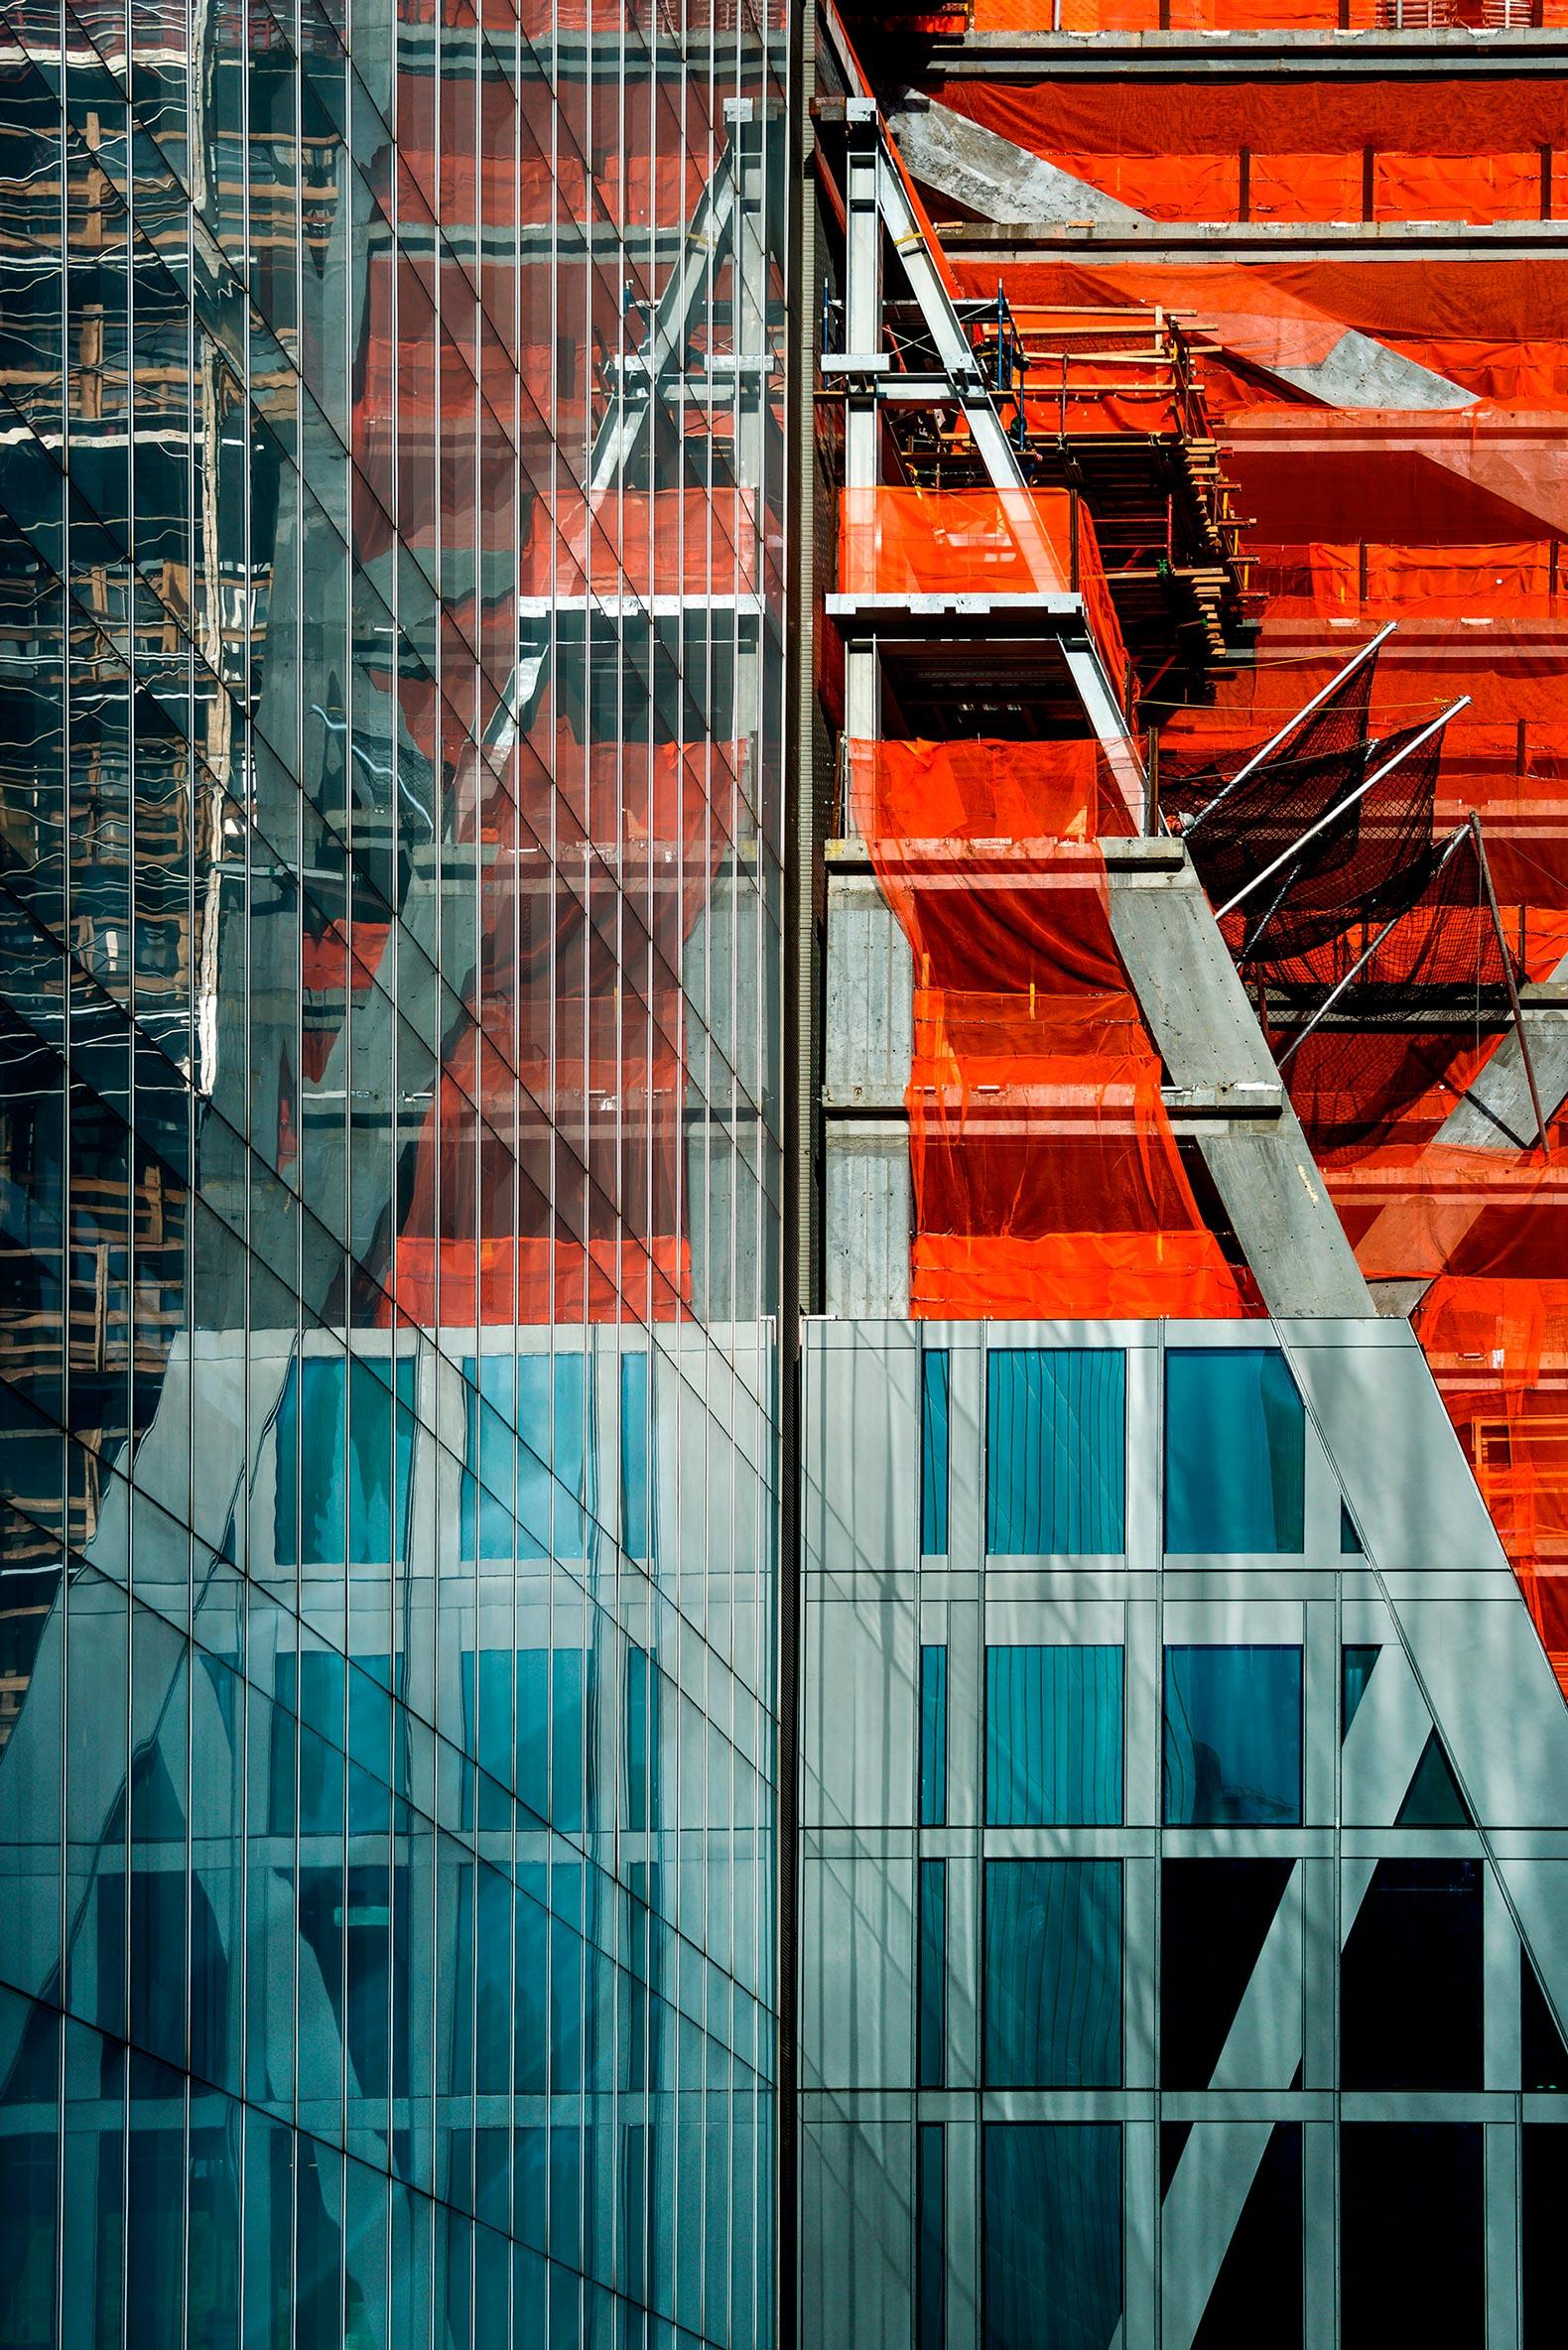 Imagen de la construcción de la Torre 53W53 por Jean Nouvel. Fotografía © Giles Ashford